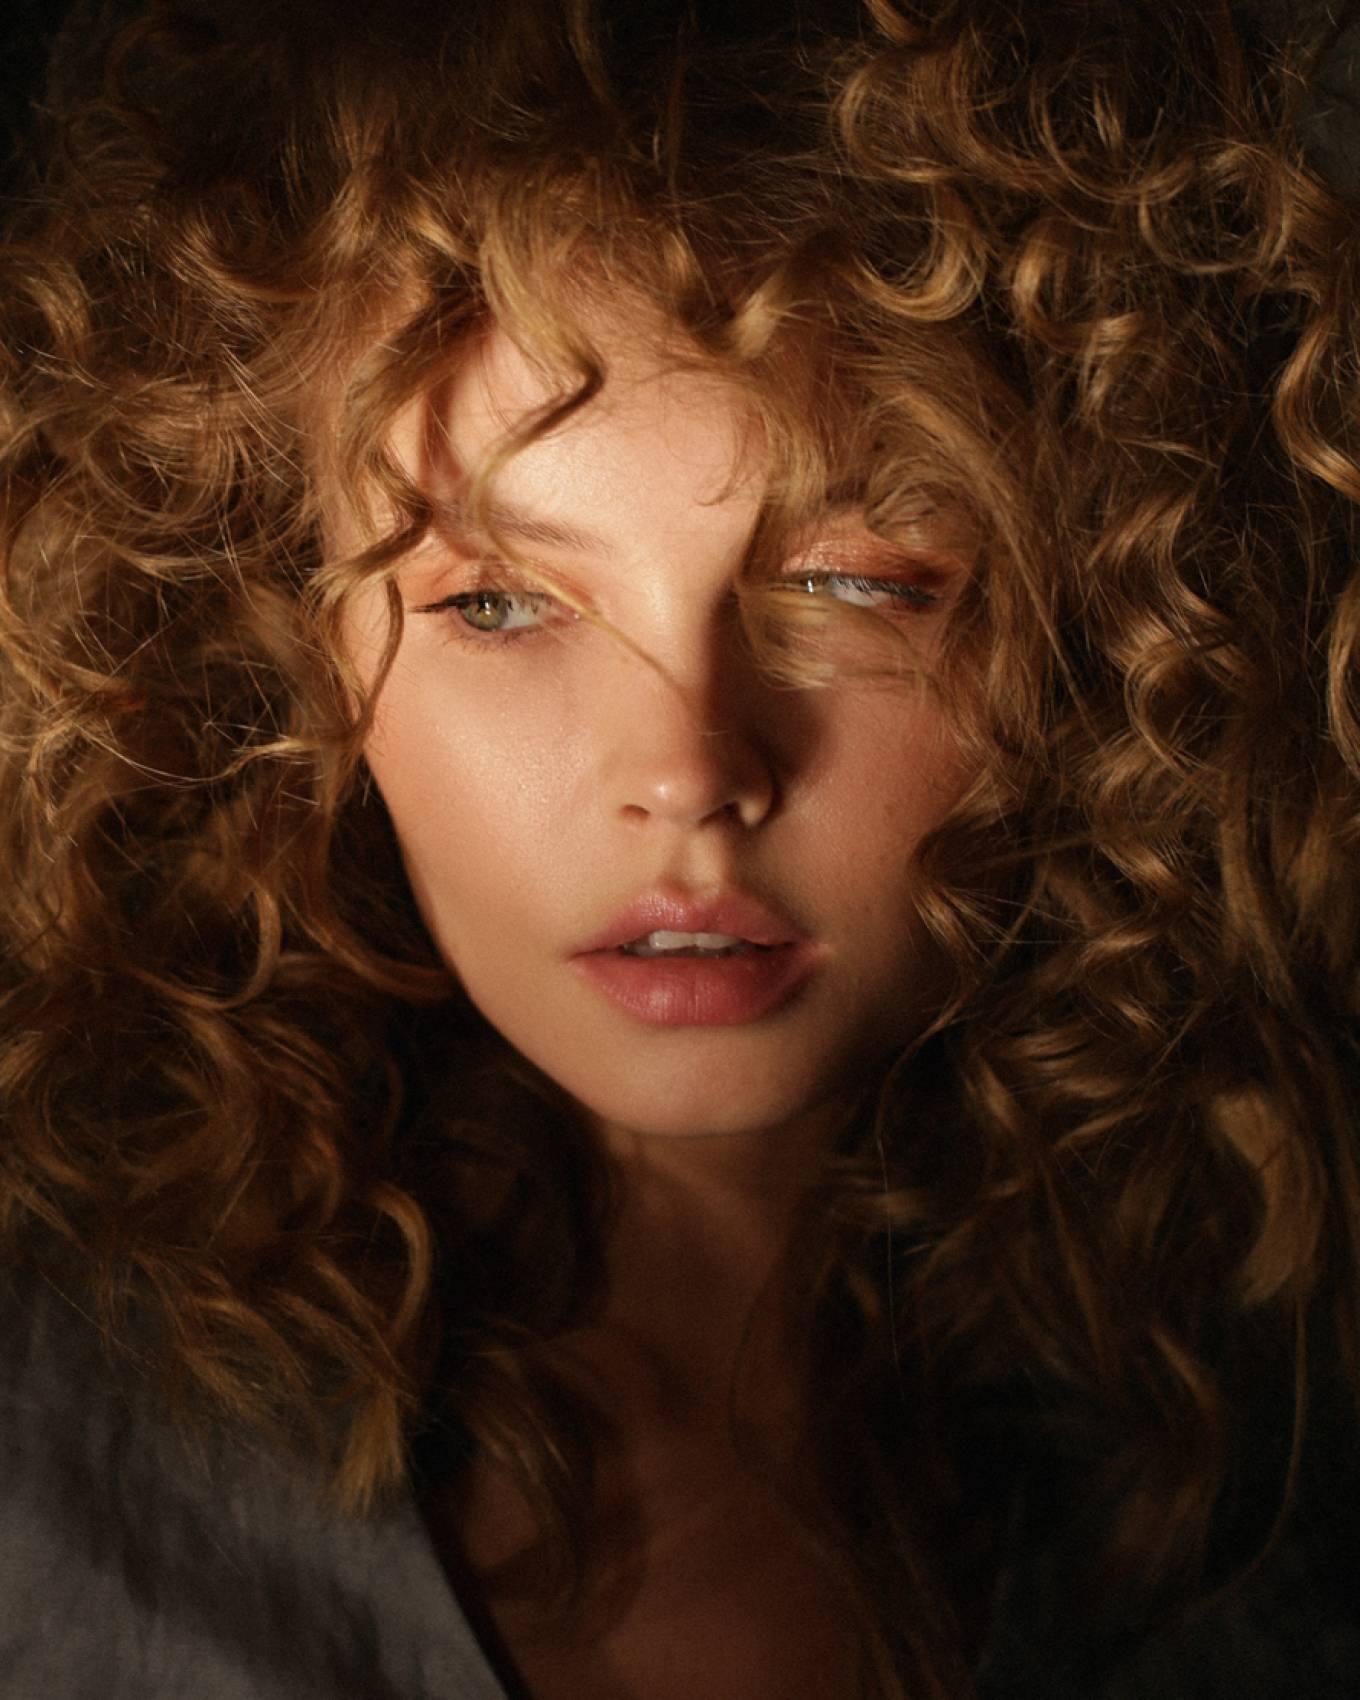 Anastasiya Scheglova – Sexy Body In Beautiful Photoshoot By Tonya Kochneva 0010